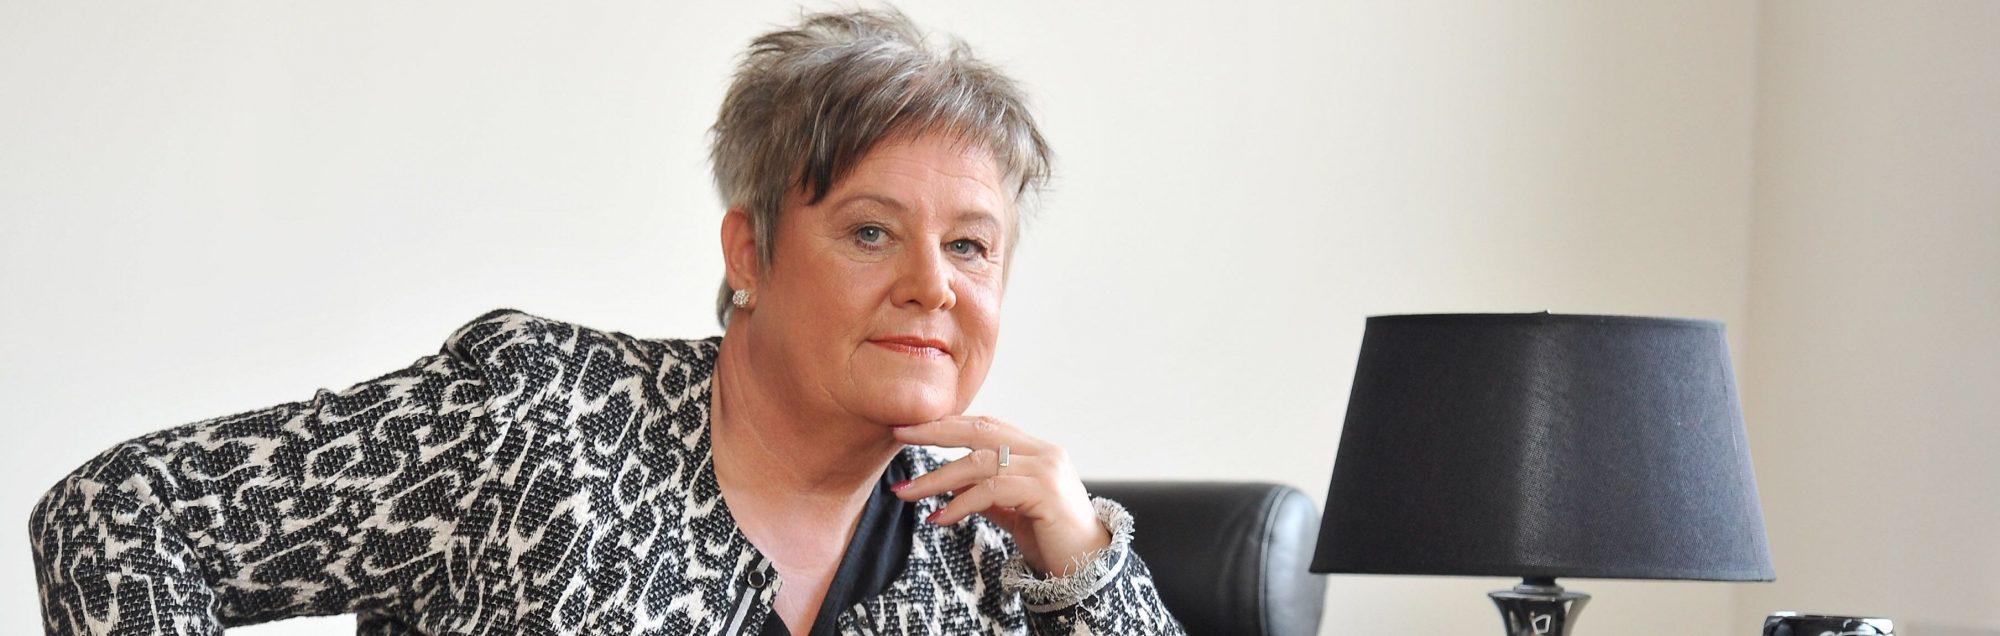 Silke Krieg Slider Potrait Coaching in Oer-Erkenschwick